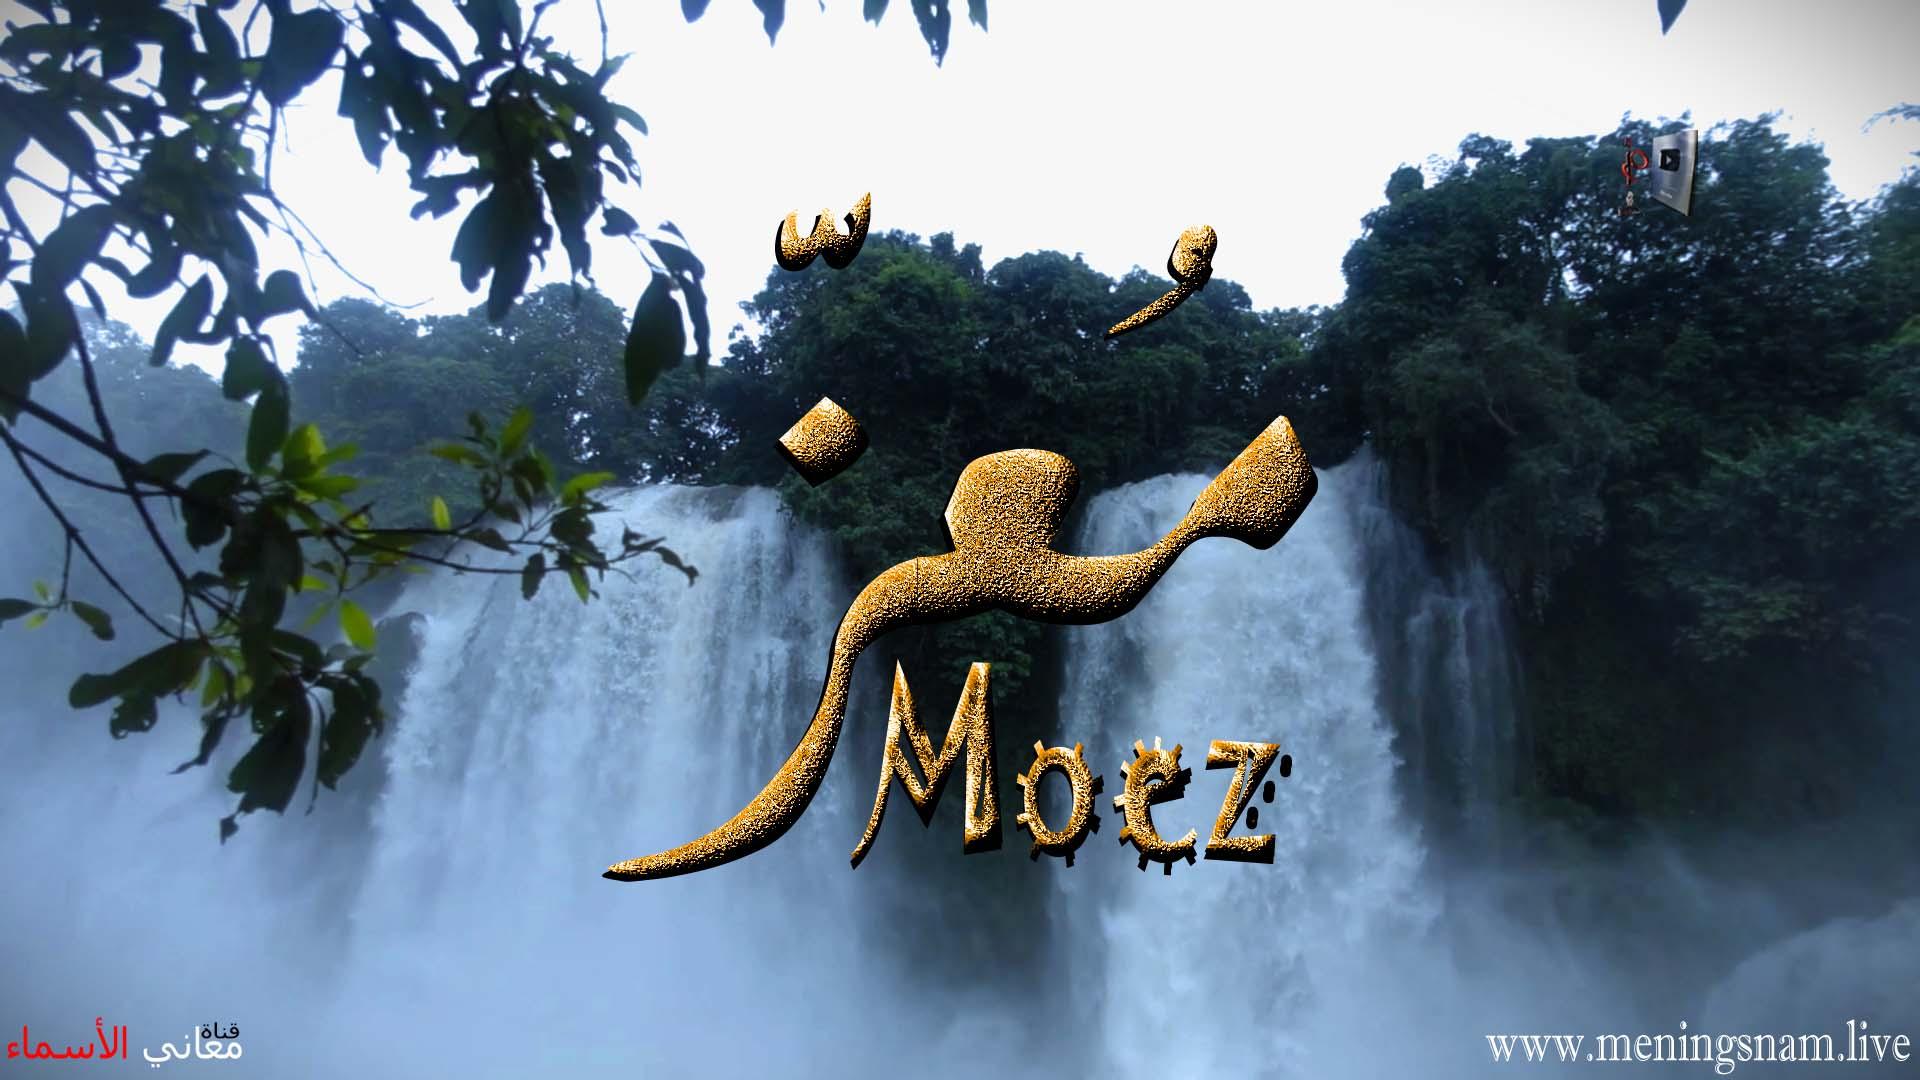 معنى اسم معز وصفات حامل هذا الاسم Moezz